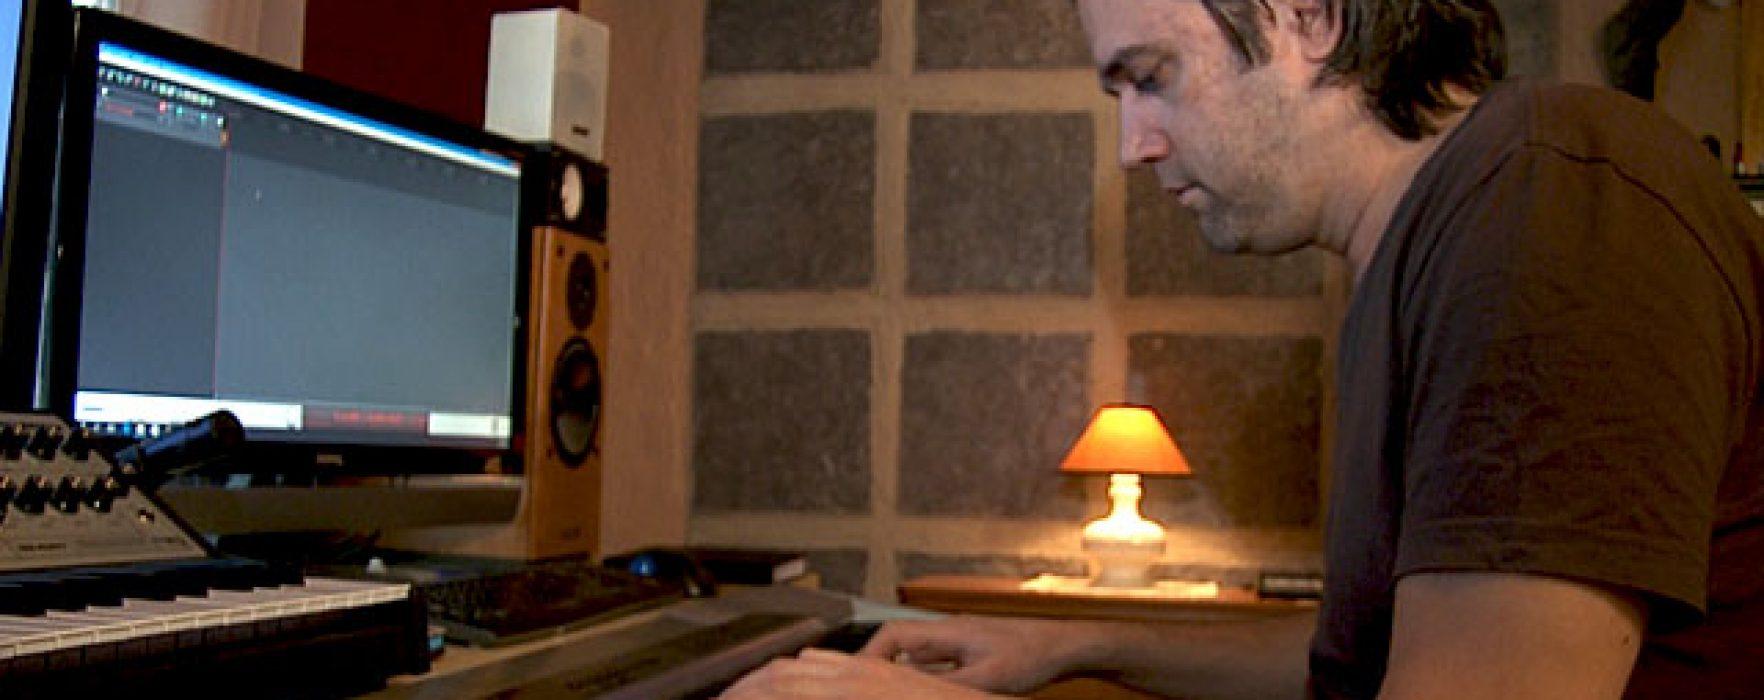 Marcos Ciscar jobbade i 20 år med nya plattan